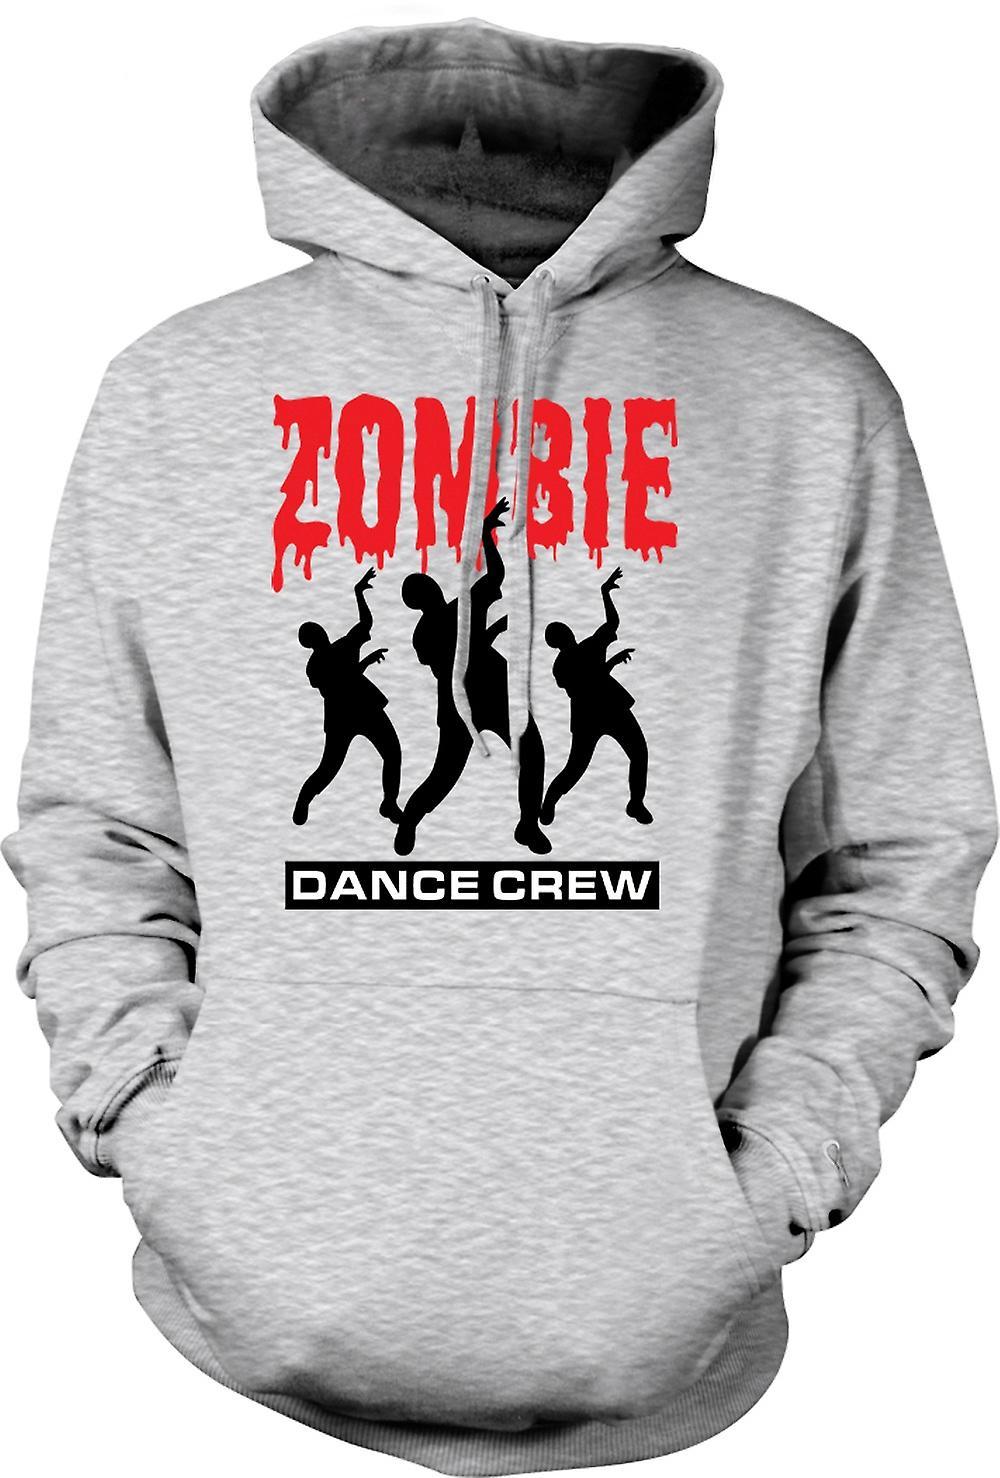 Mens Hoodie - Zombie Dance Crew - grappige Horror